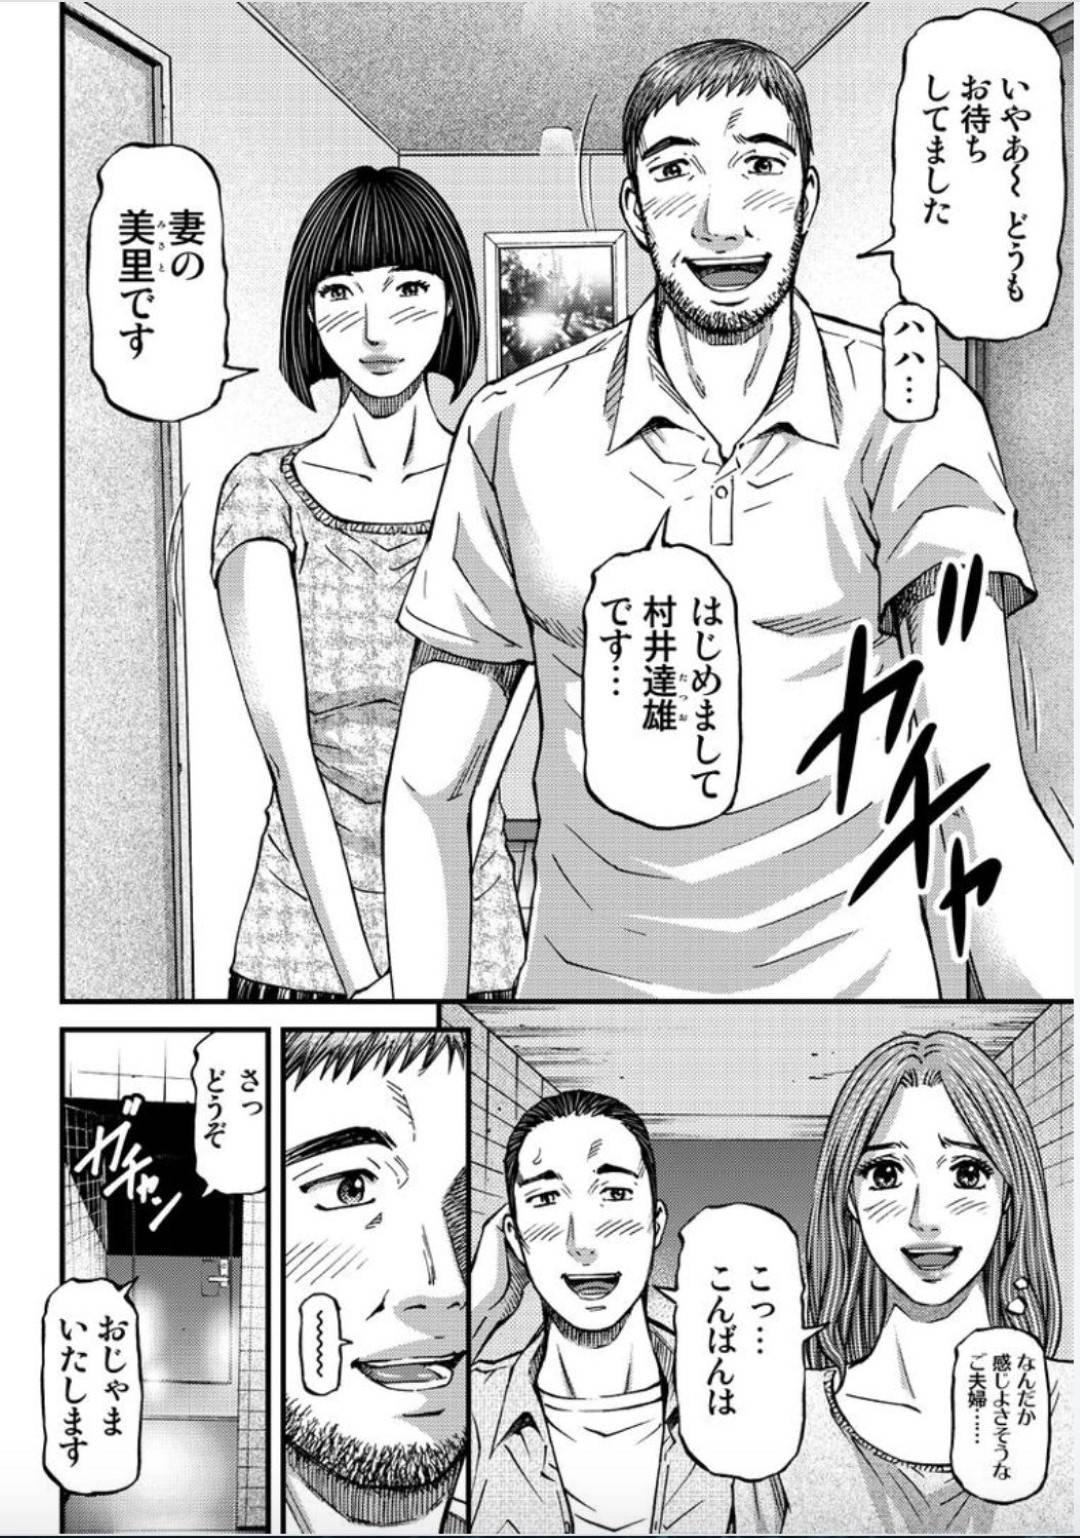 【エロ漫画】初対面の夫婦とスワッピングすることになった人妻は夫が他の女を抱くのを見ながら生ハメセックスしてイキまくる